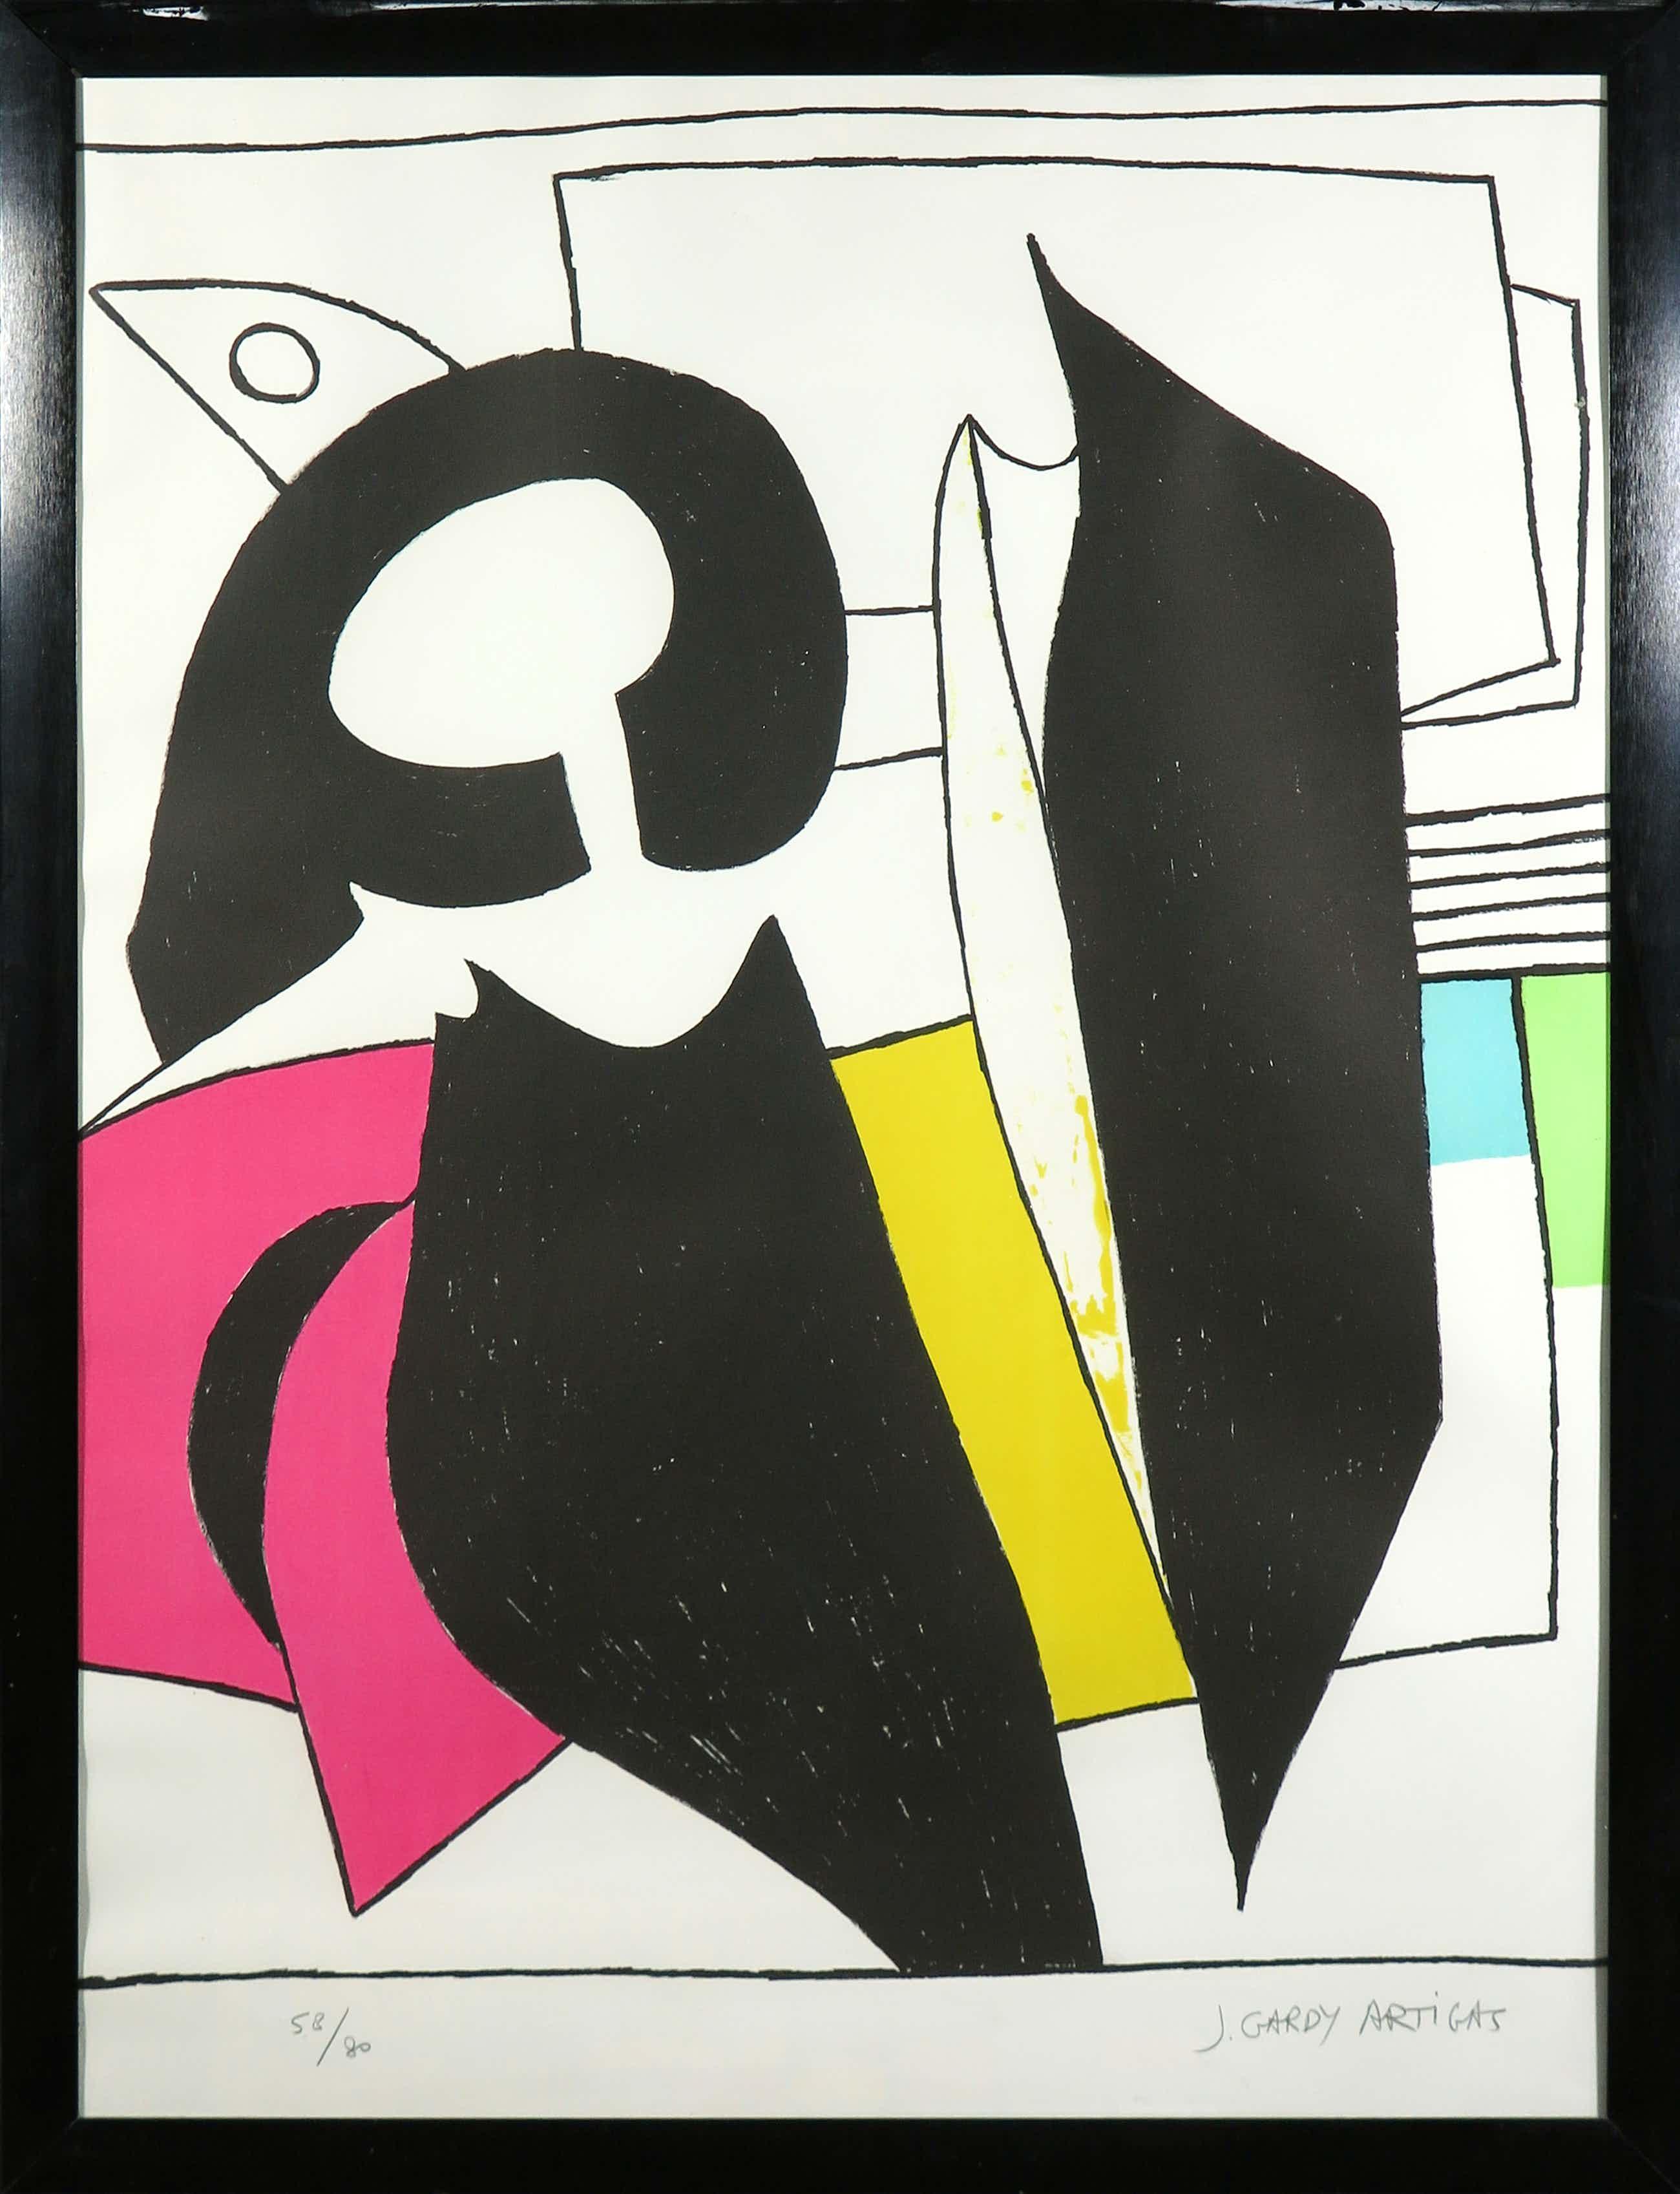 Joanet Gardy Artigas - Litho, Z.T. Abstracte compositie - Ingelijst kopen? Bied vanaf 70!